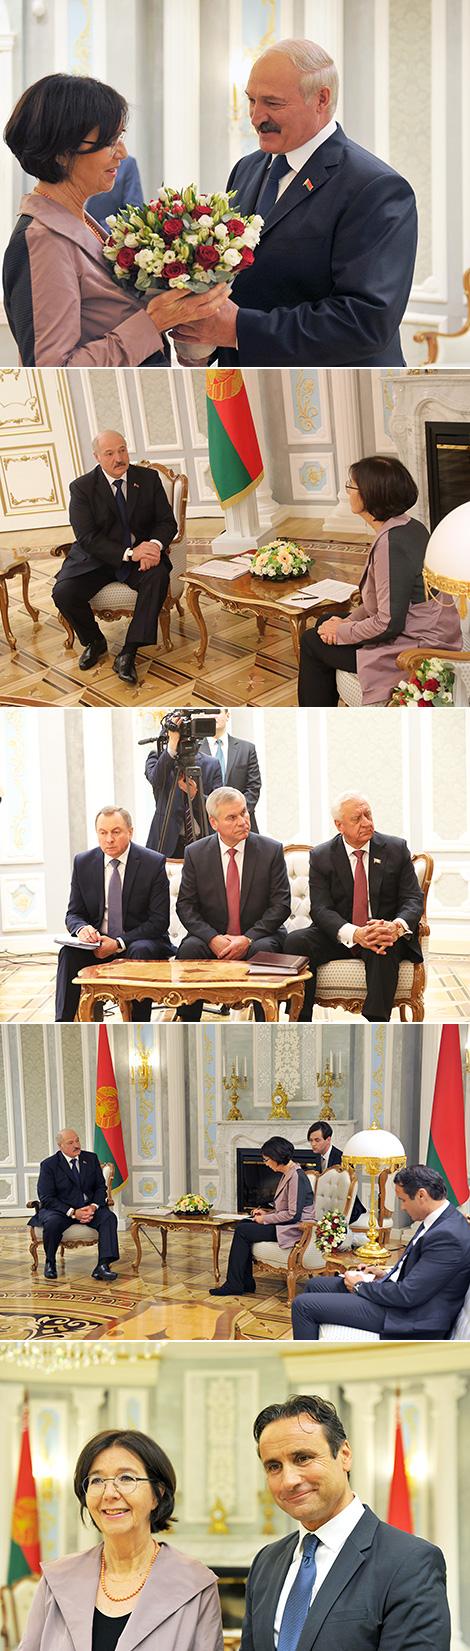 Лукашэнка: АБСЕ можа разлічваць на Беларусь як донара бяспекі ў Еўрапейскім рэгіёне